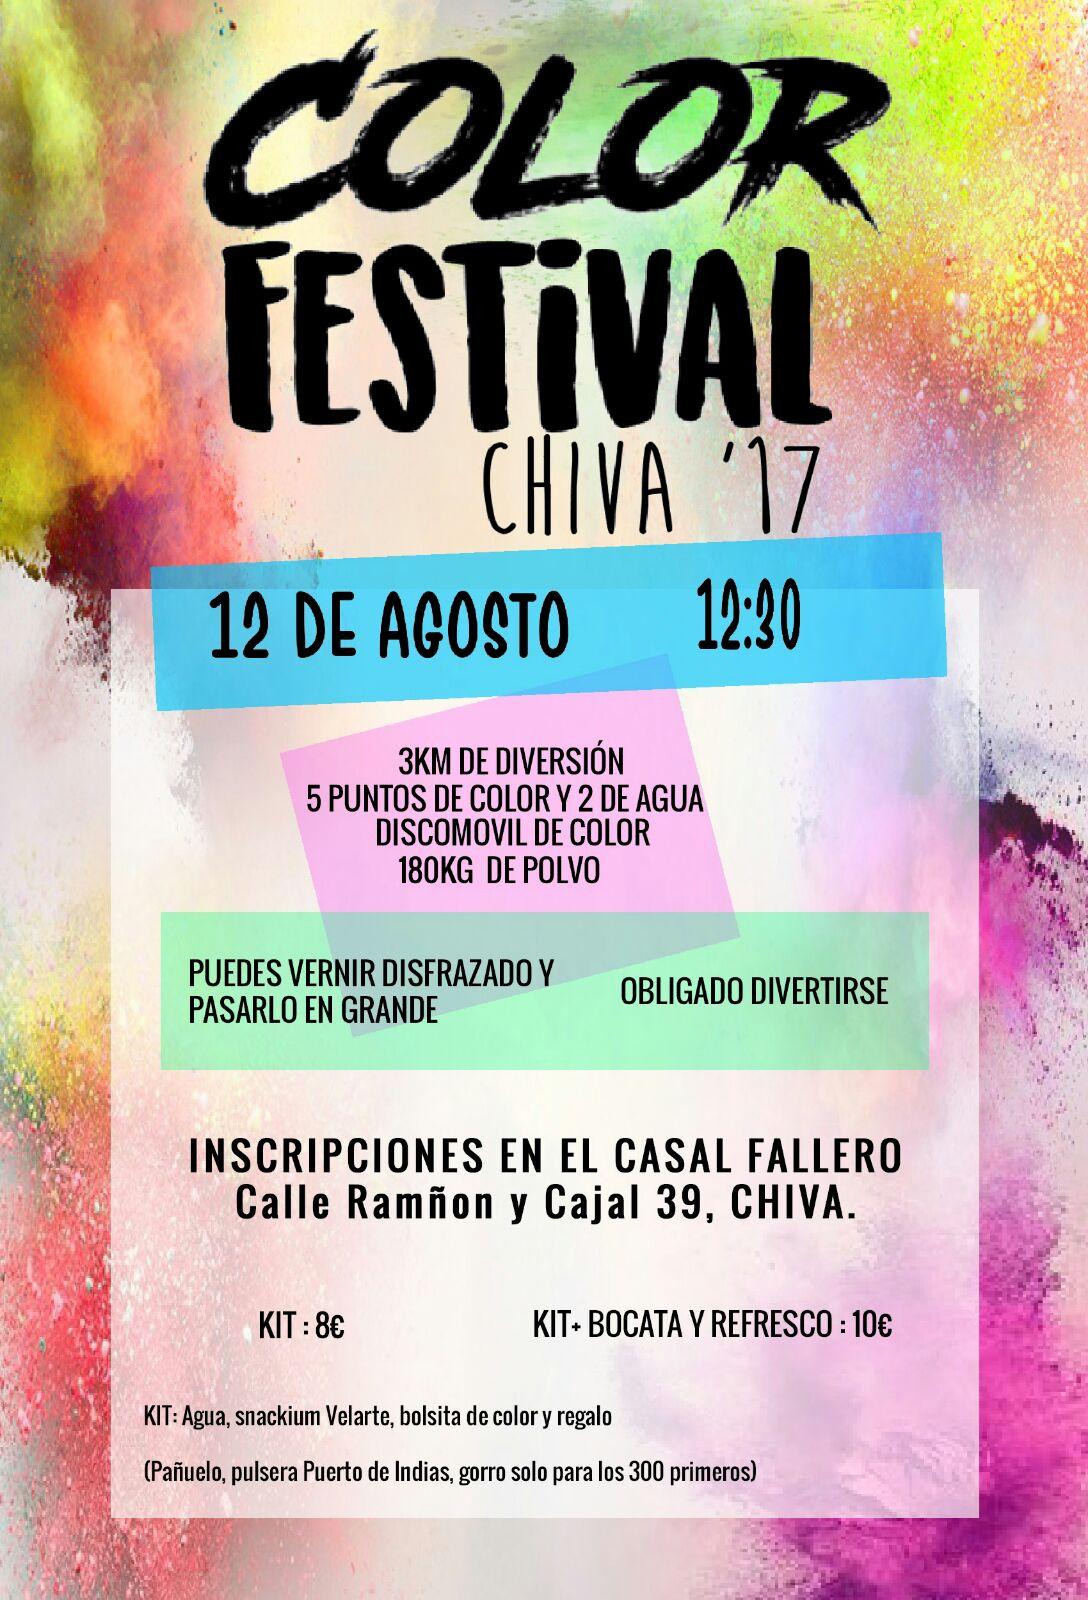 Color Festival Chiva '17.